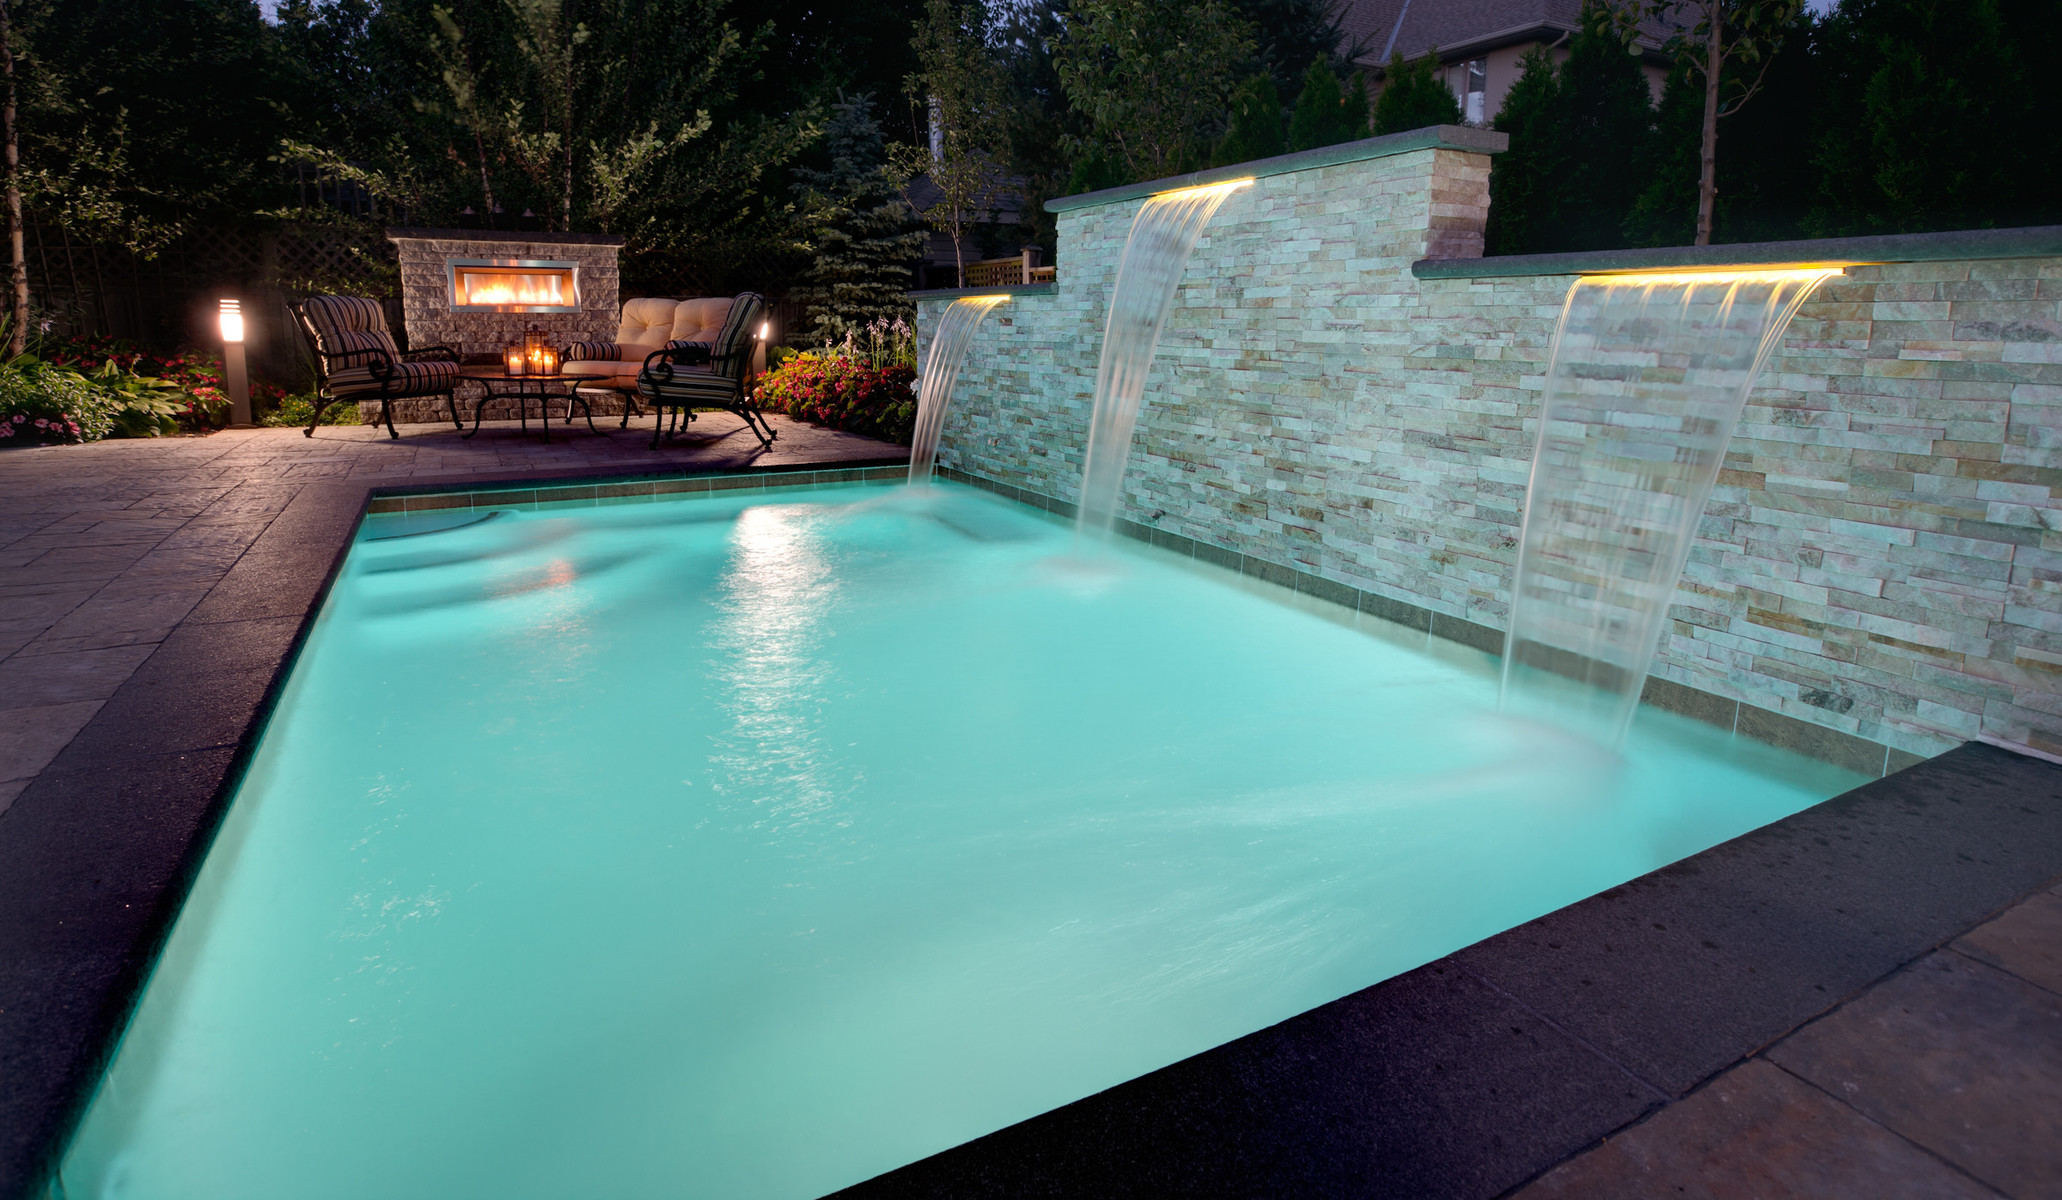 inground pool lights find the best deals on inground pool lights. Black Bedroom Furniture Sets. Home Design Ideas